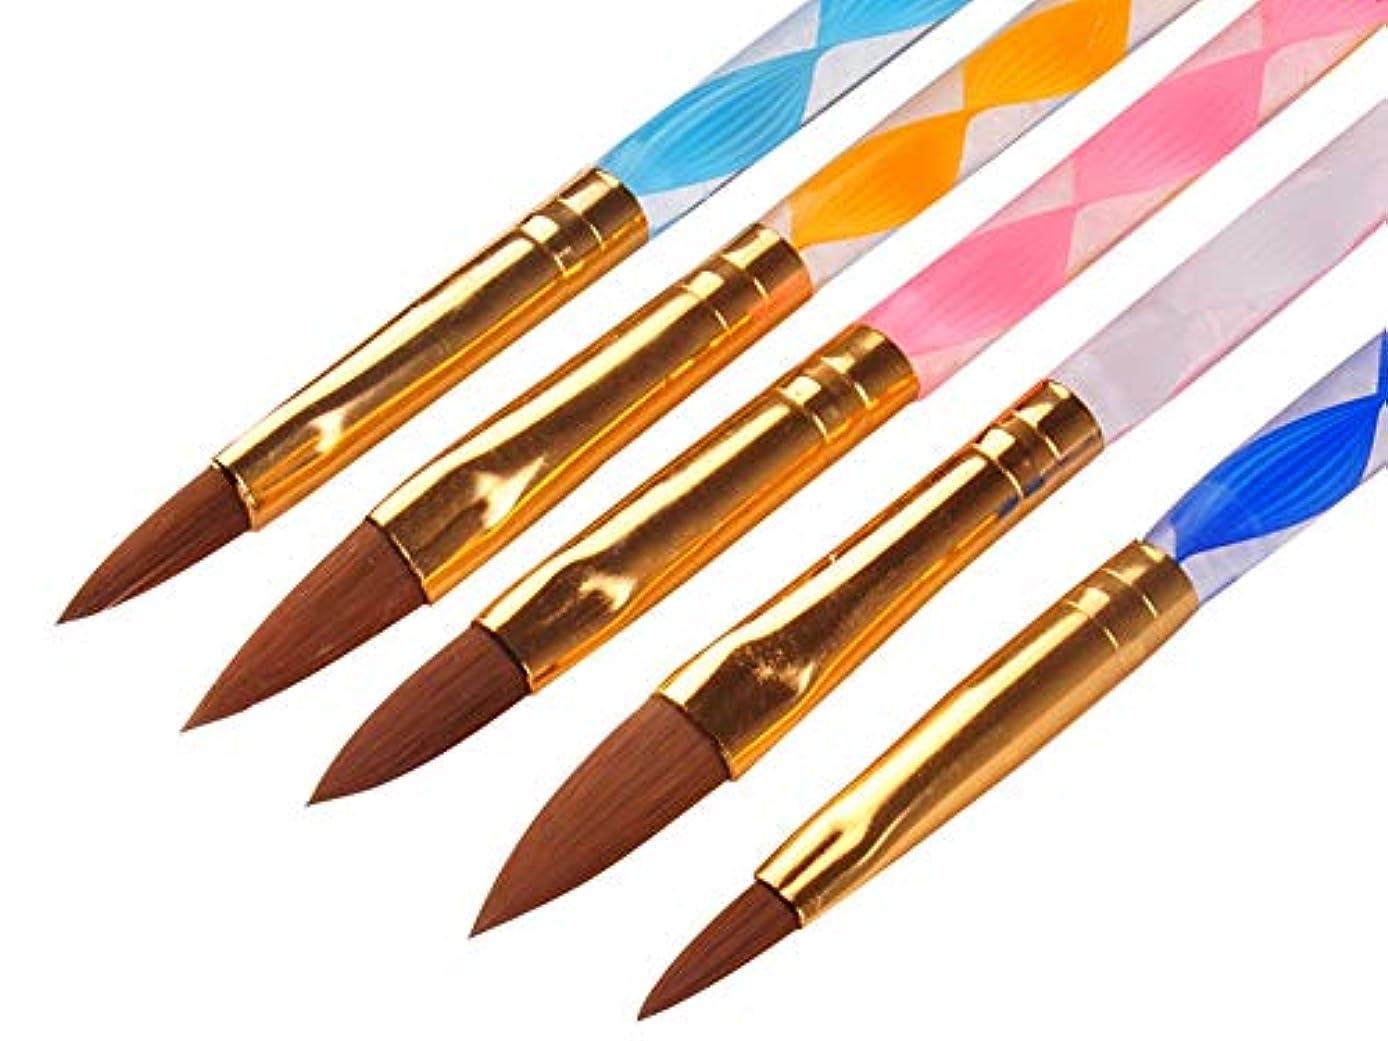 ペフ環境征服者Rant Bell スカルプ ブラシ セットアクリル 3D ネイル オーバル筆 黄色 白 ピンク 青 紫 5本セット